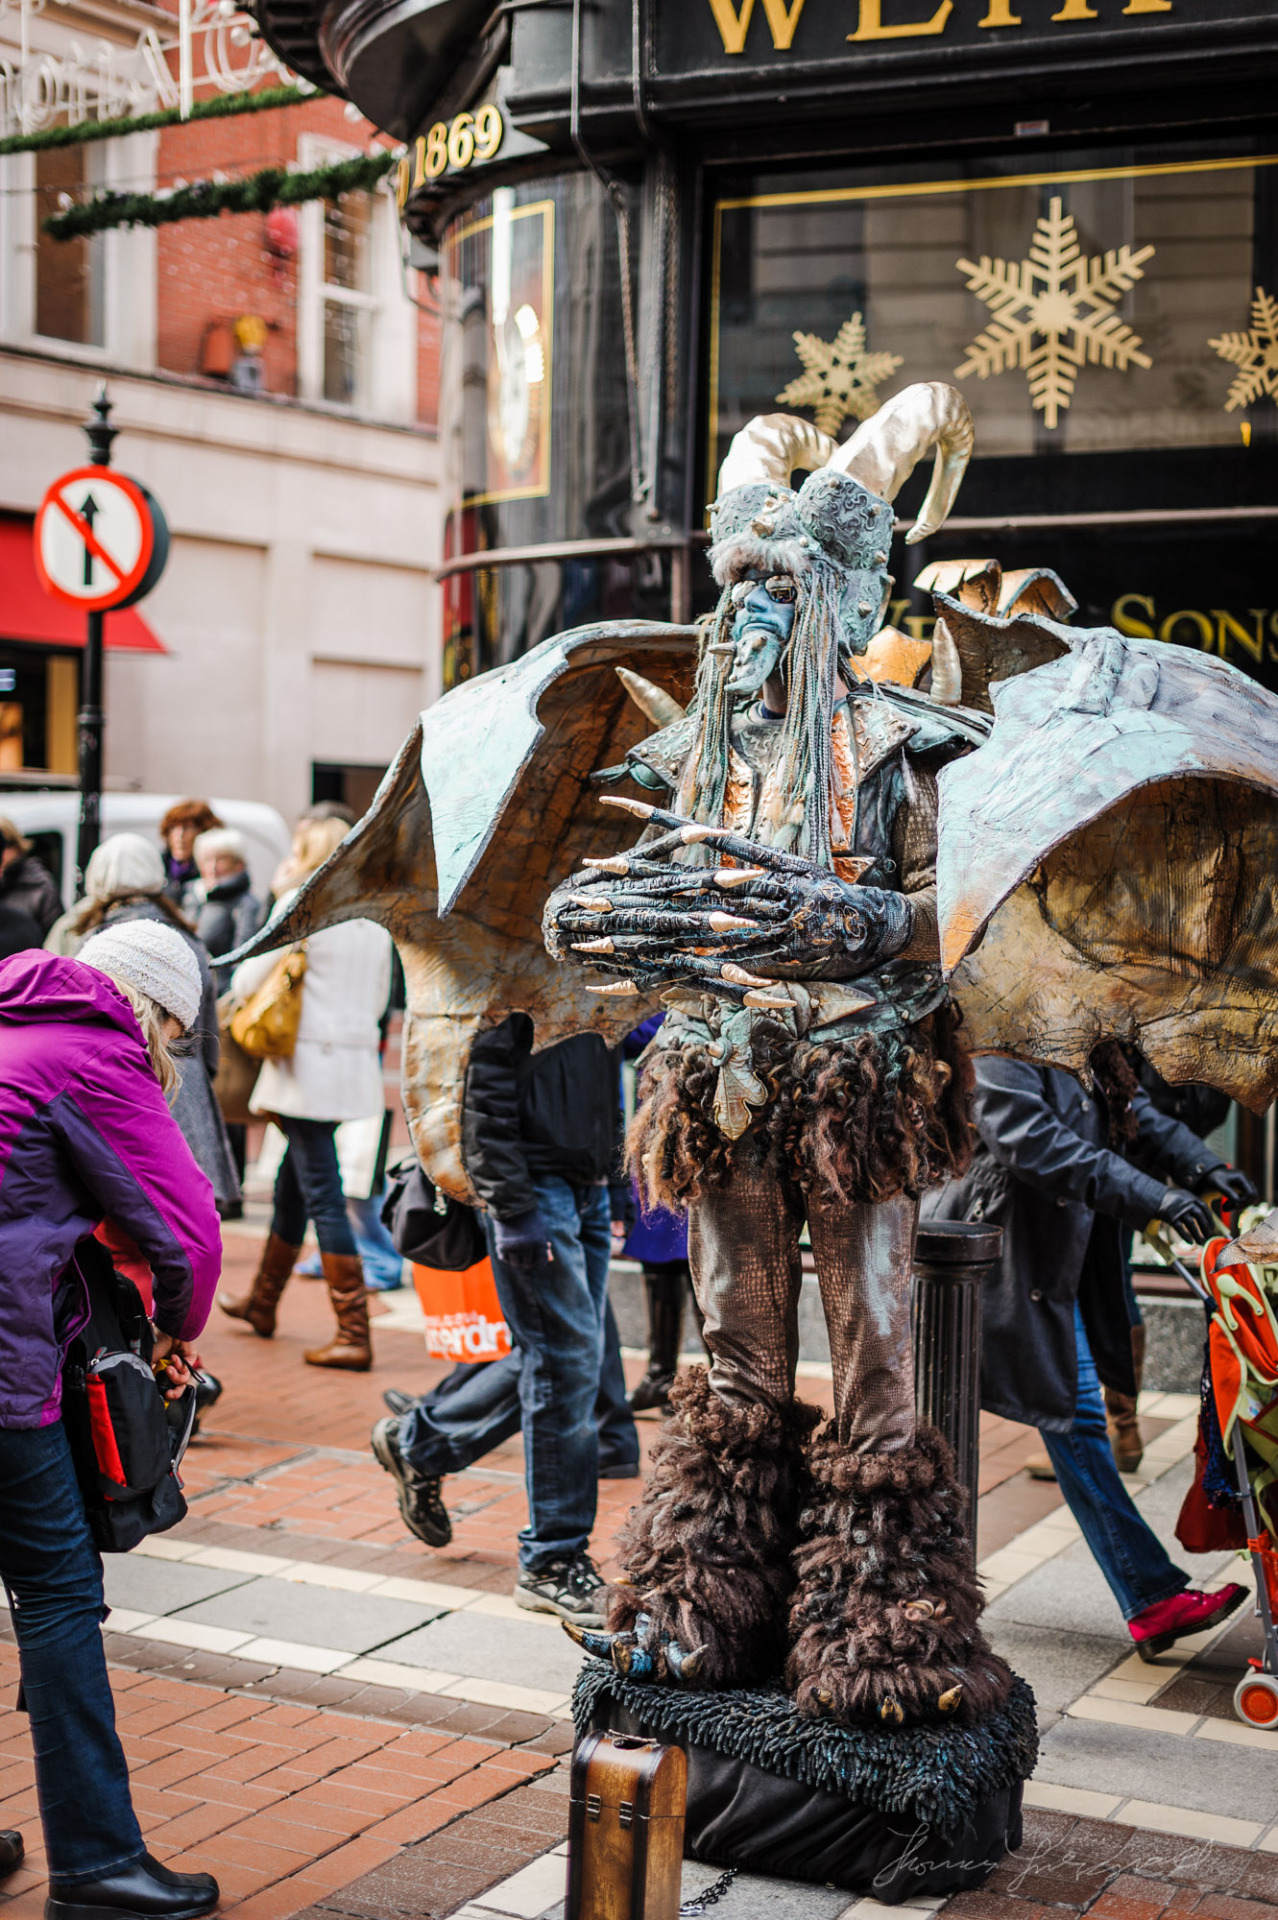 Impressively costumed street performer on Grafton Street